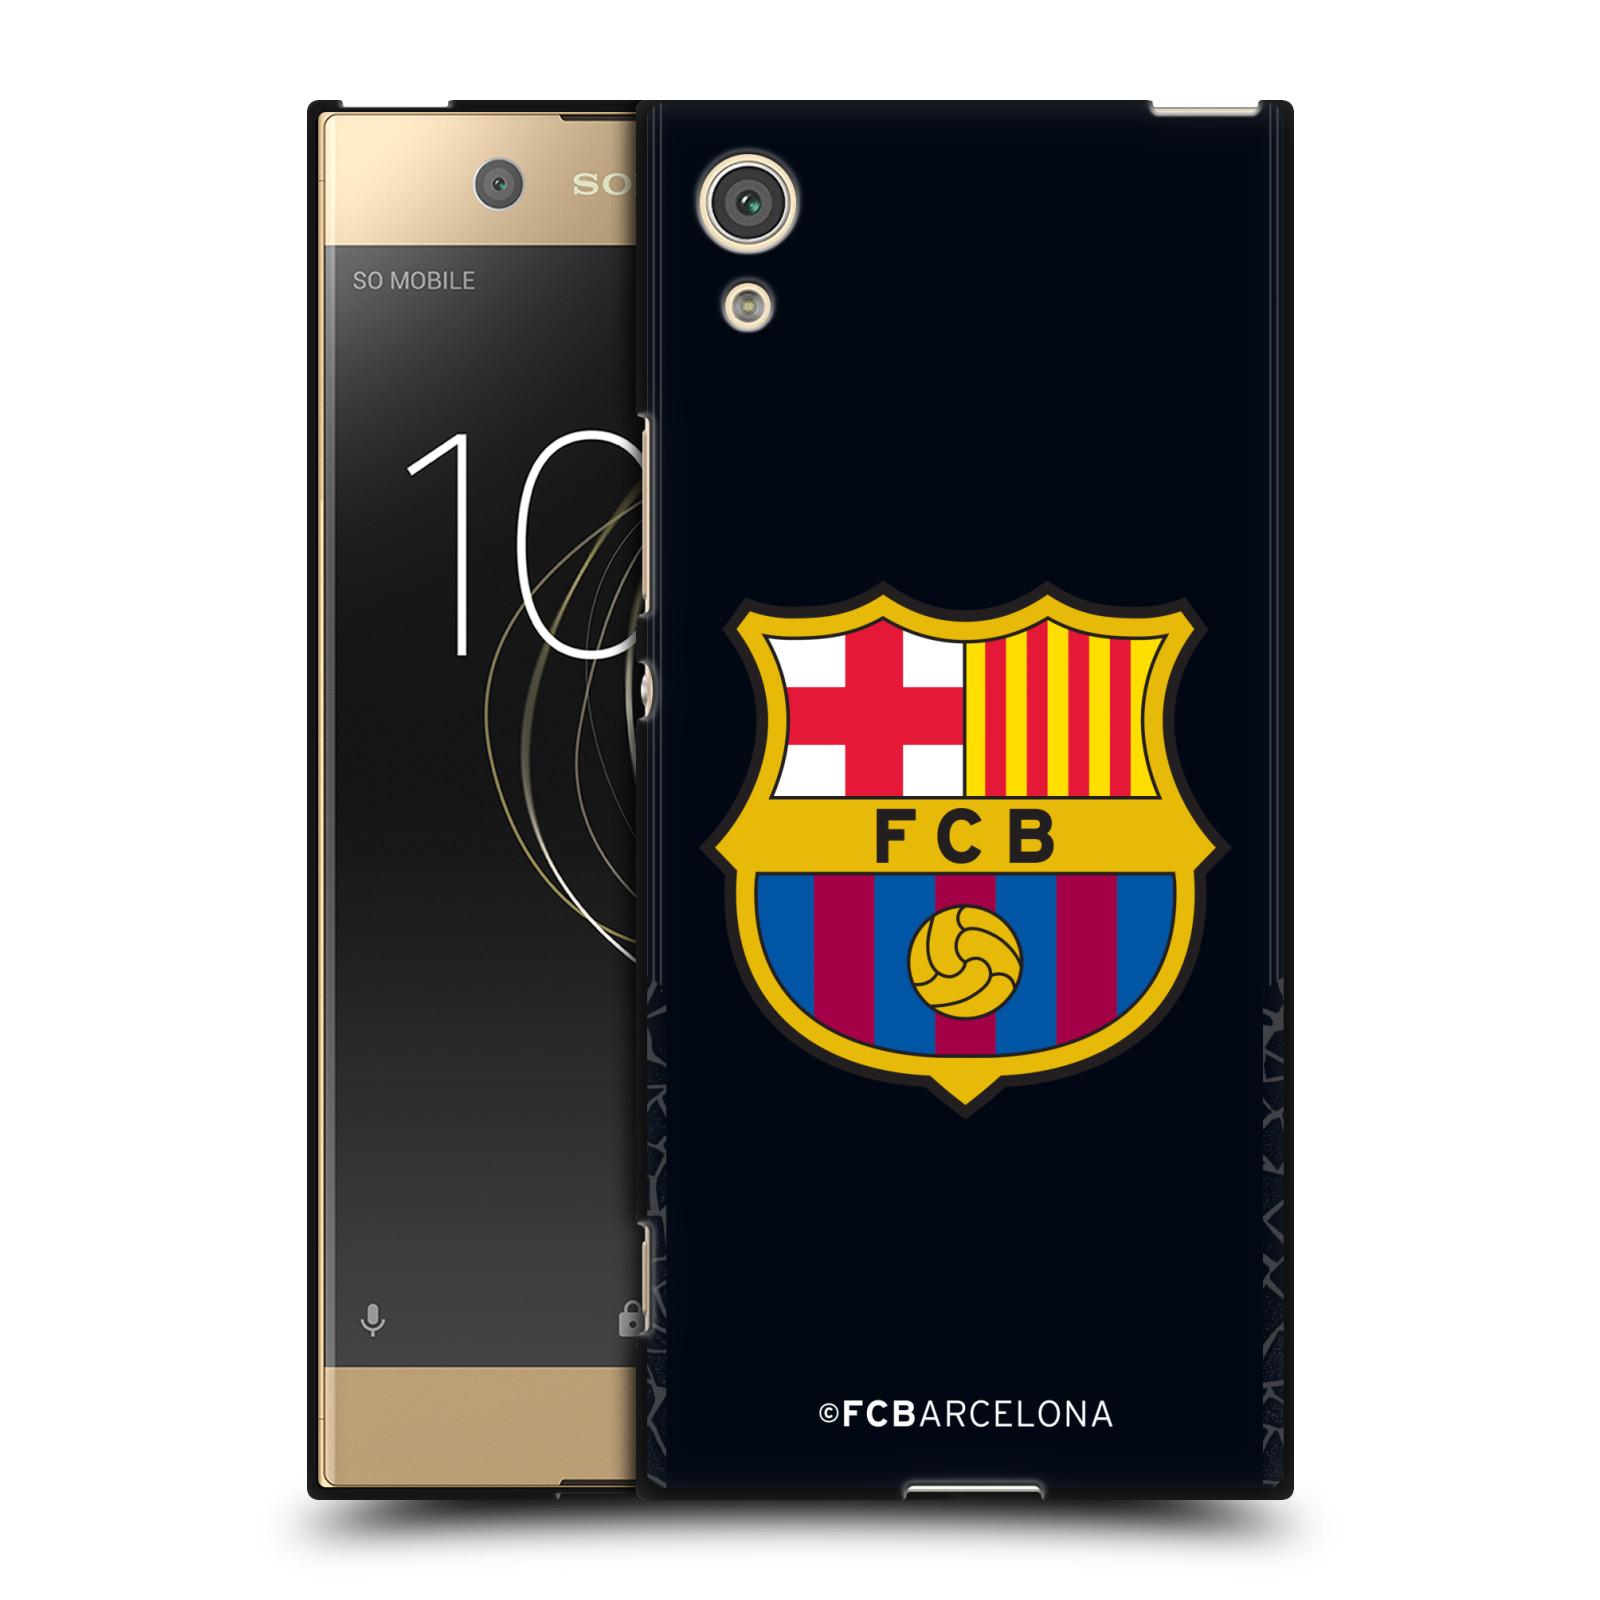 OFFICIAL-FC-BARCELONA-2017-18-CREST-KIT-BLACK-SOFT-GEL-CASE-FOR-SONY-PHONES